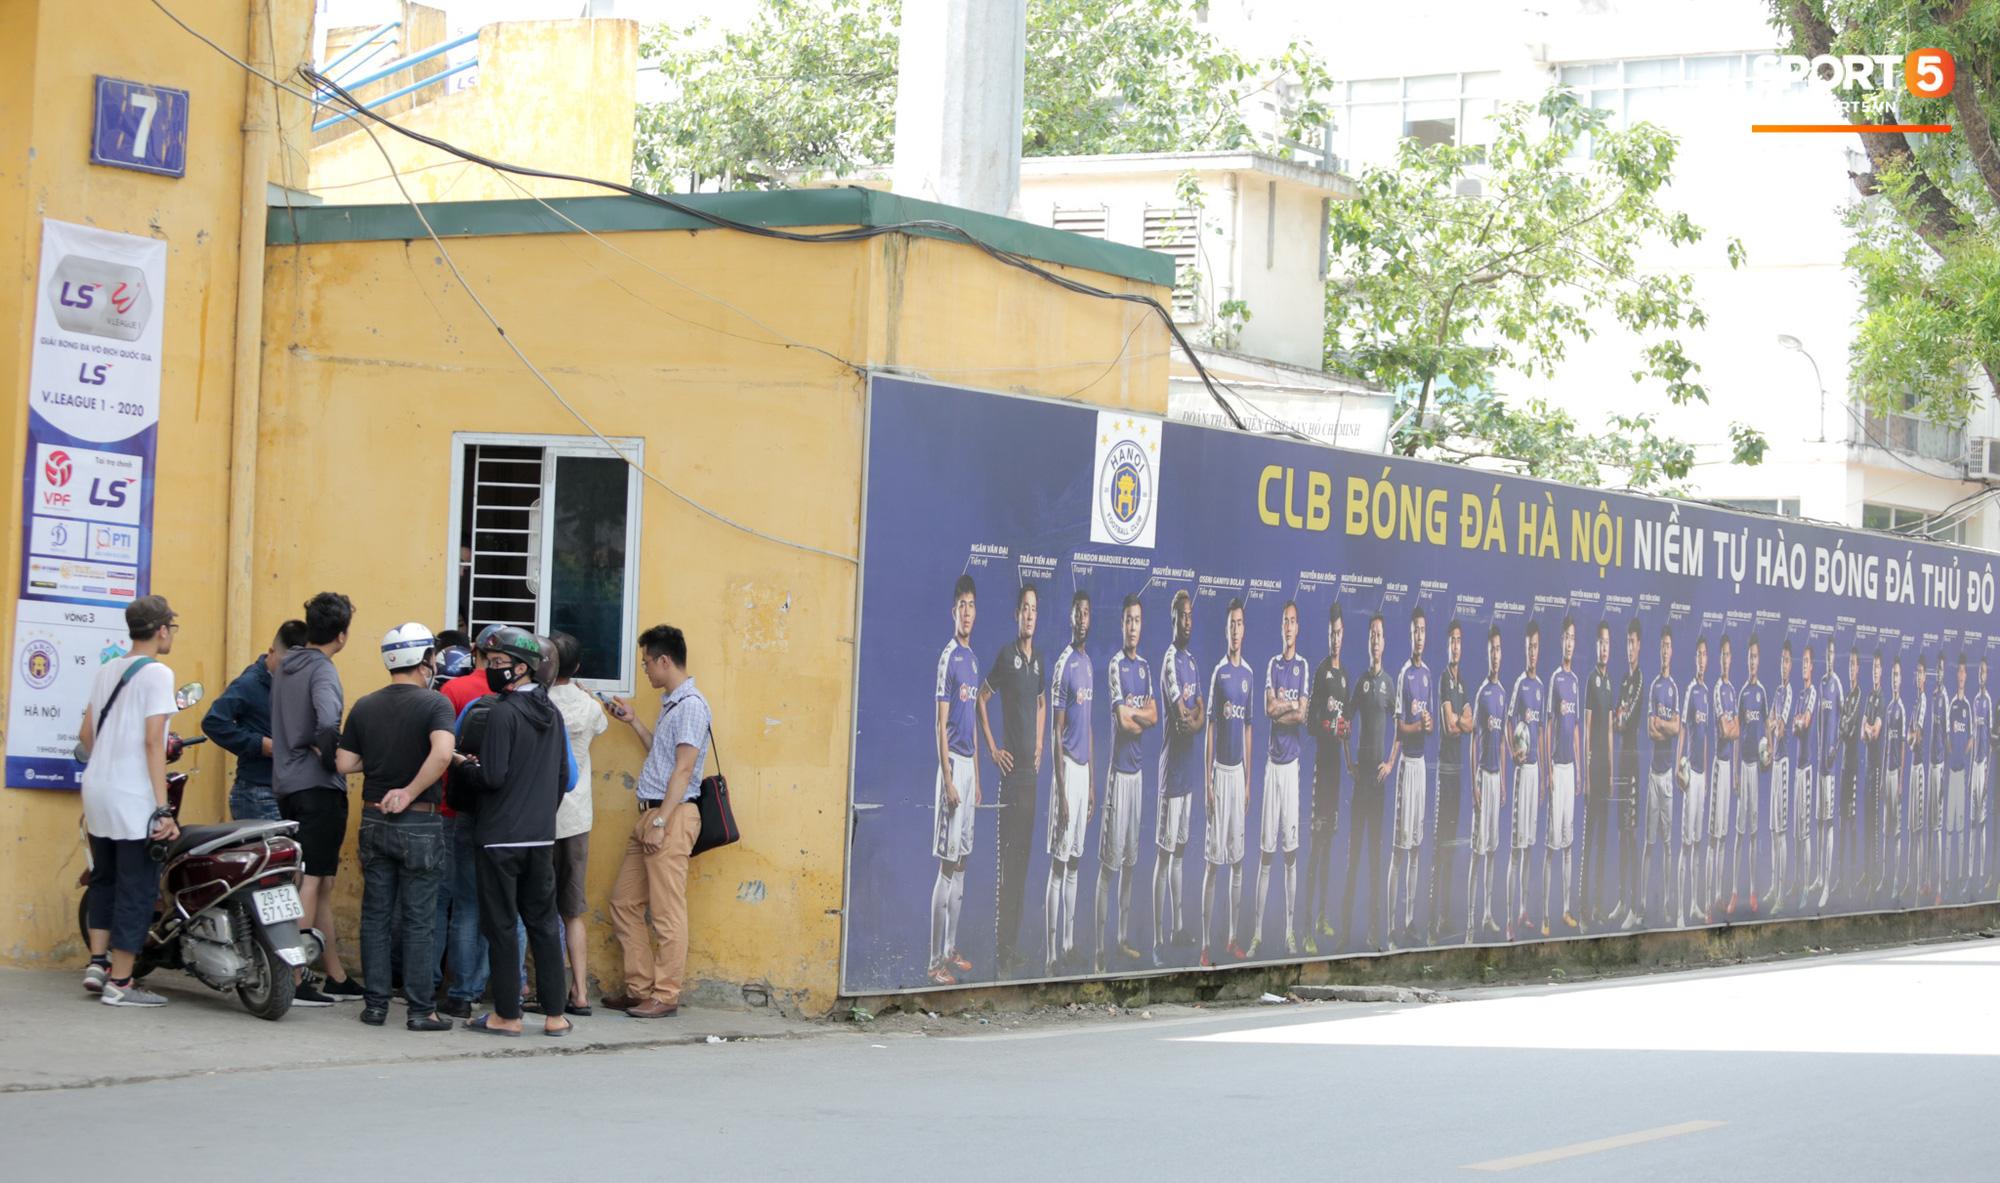 Mở bán vé xem Quang Hải so tài Văn Toàn vào giờ đi làm, dân phe lại đông hơn CĐV - Ảnh 1.